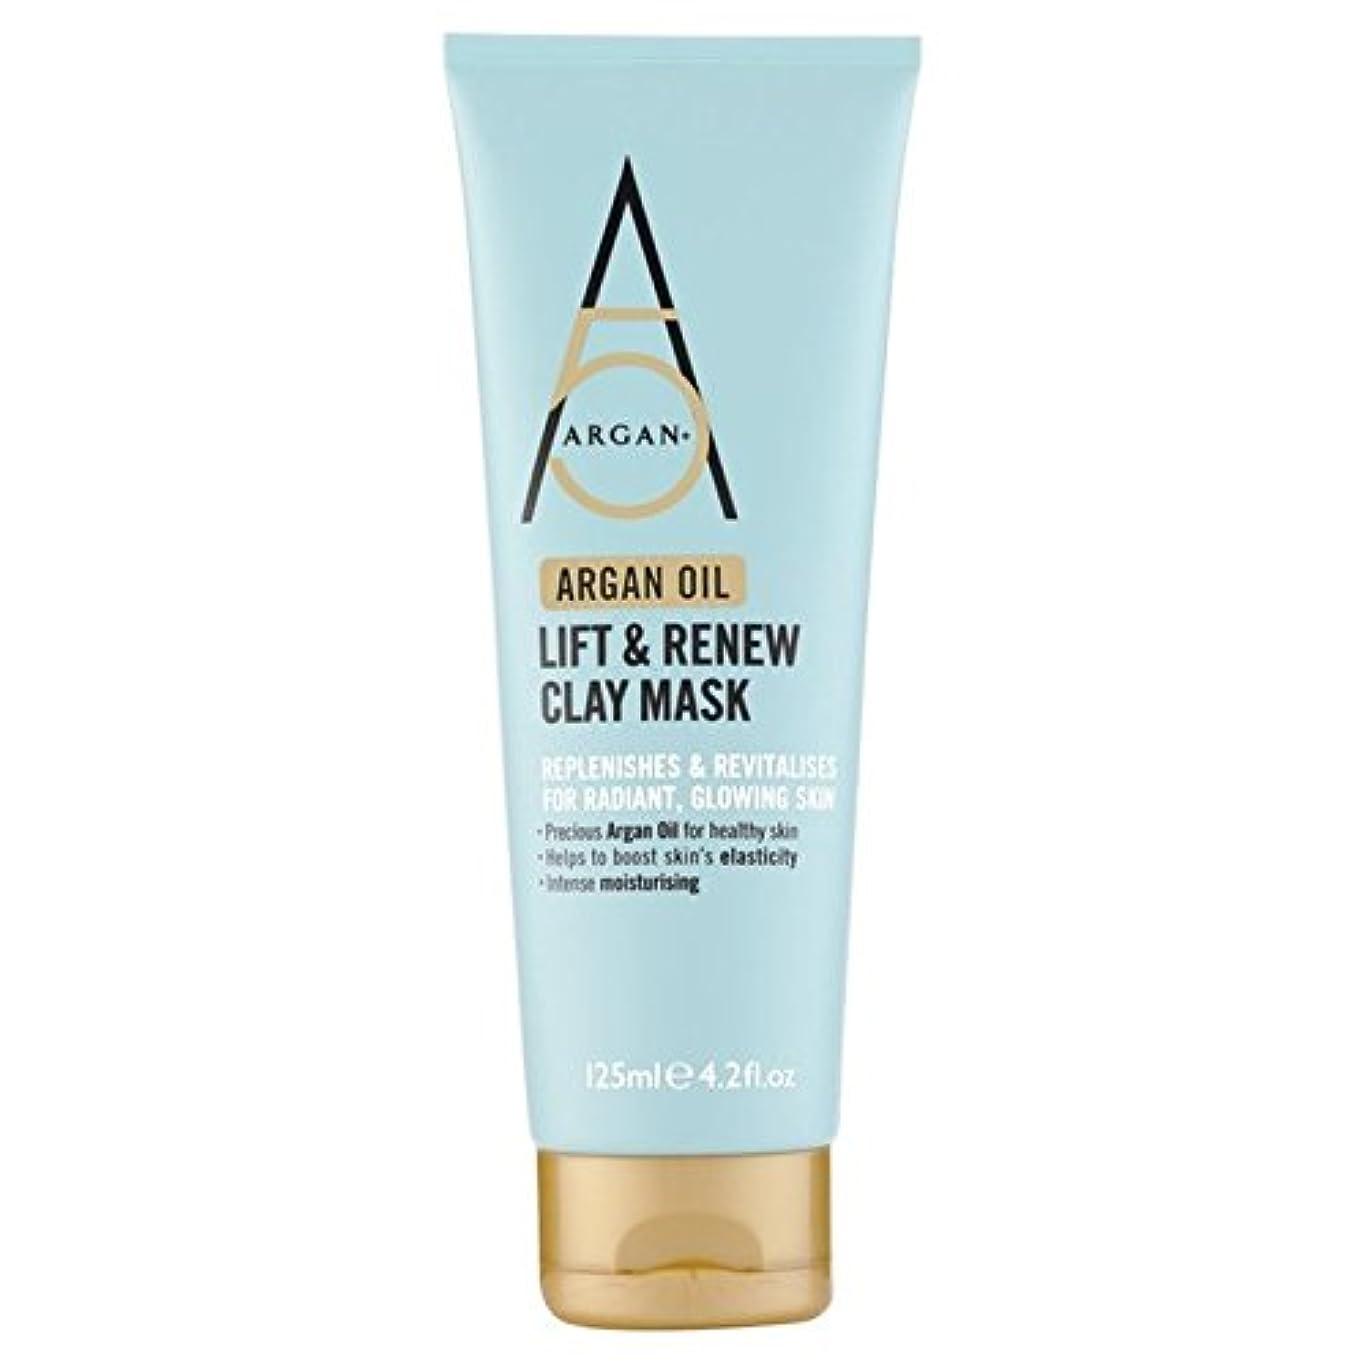 りんごささいな合金Argan+ Lift & Renew Clay Face Mask 125ml (Pack of 6) - アルガン+リフト&クレイフェイスマスク125ミリリットルを更新 x6 [並行輸入品]